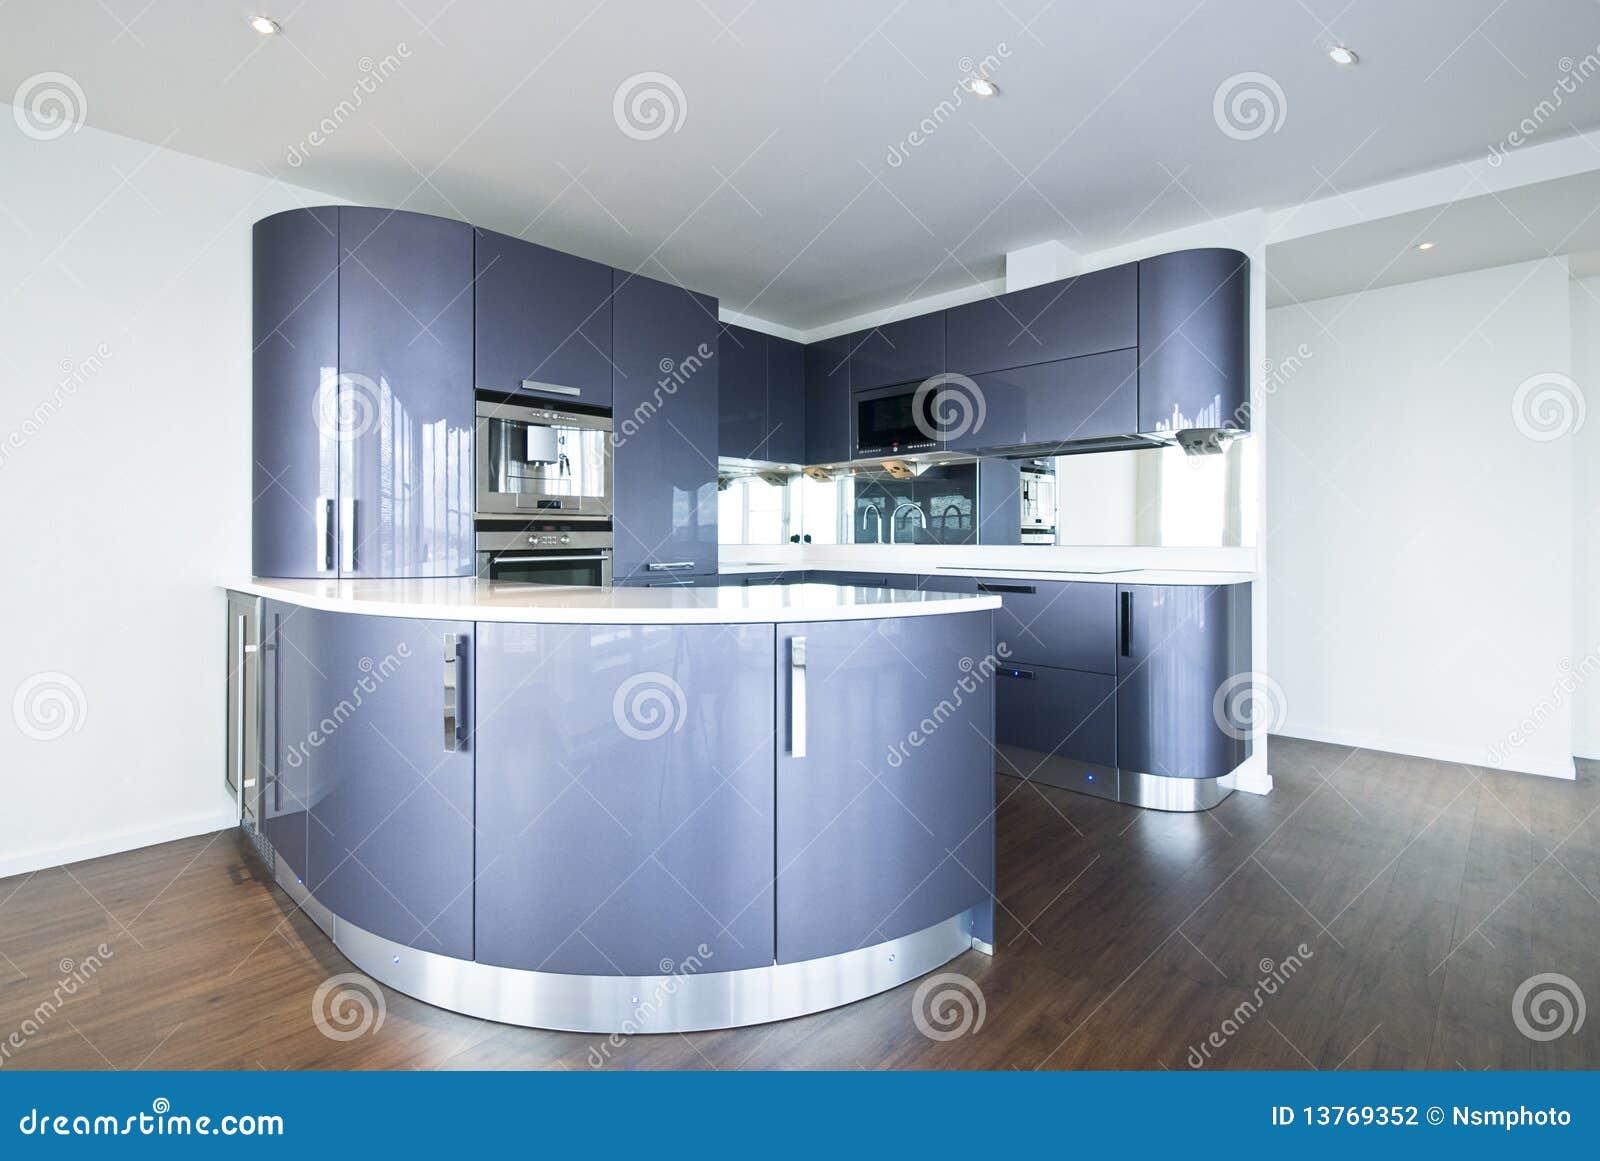 De hoge keuken van de specificatieontwerper in metaalblauw